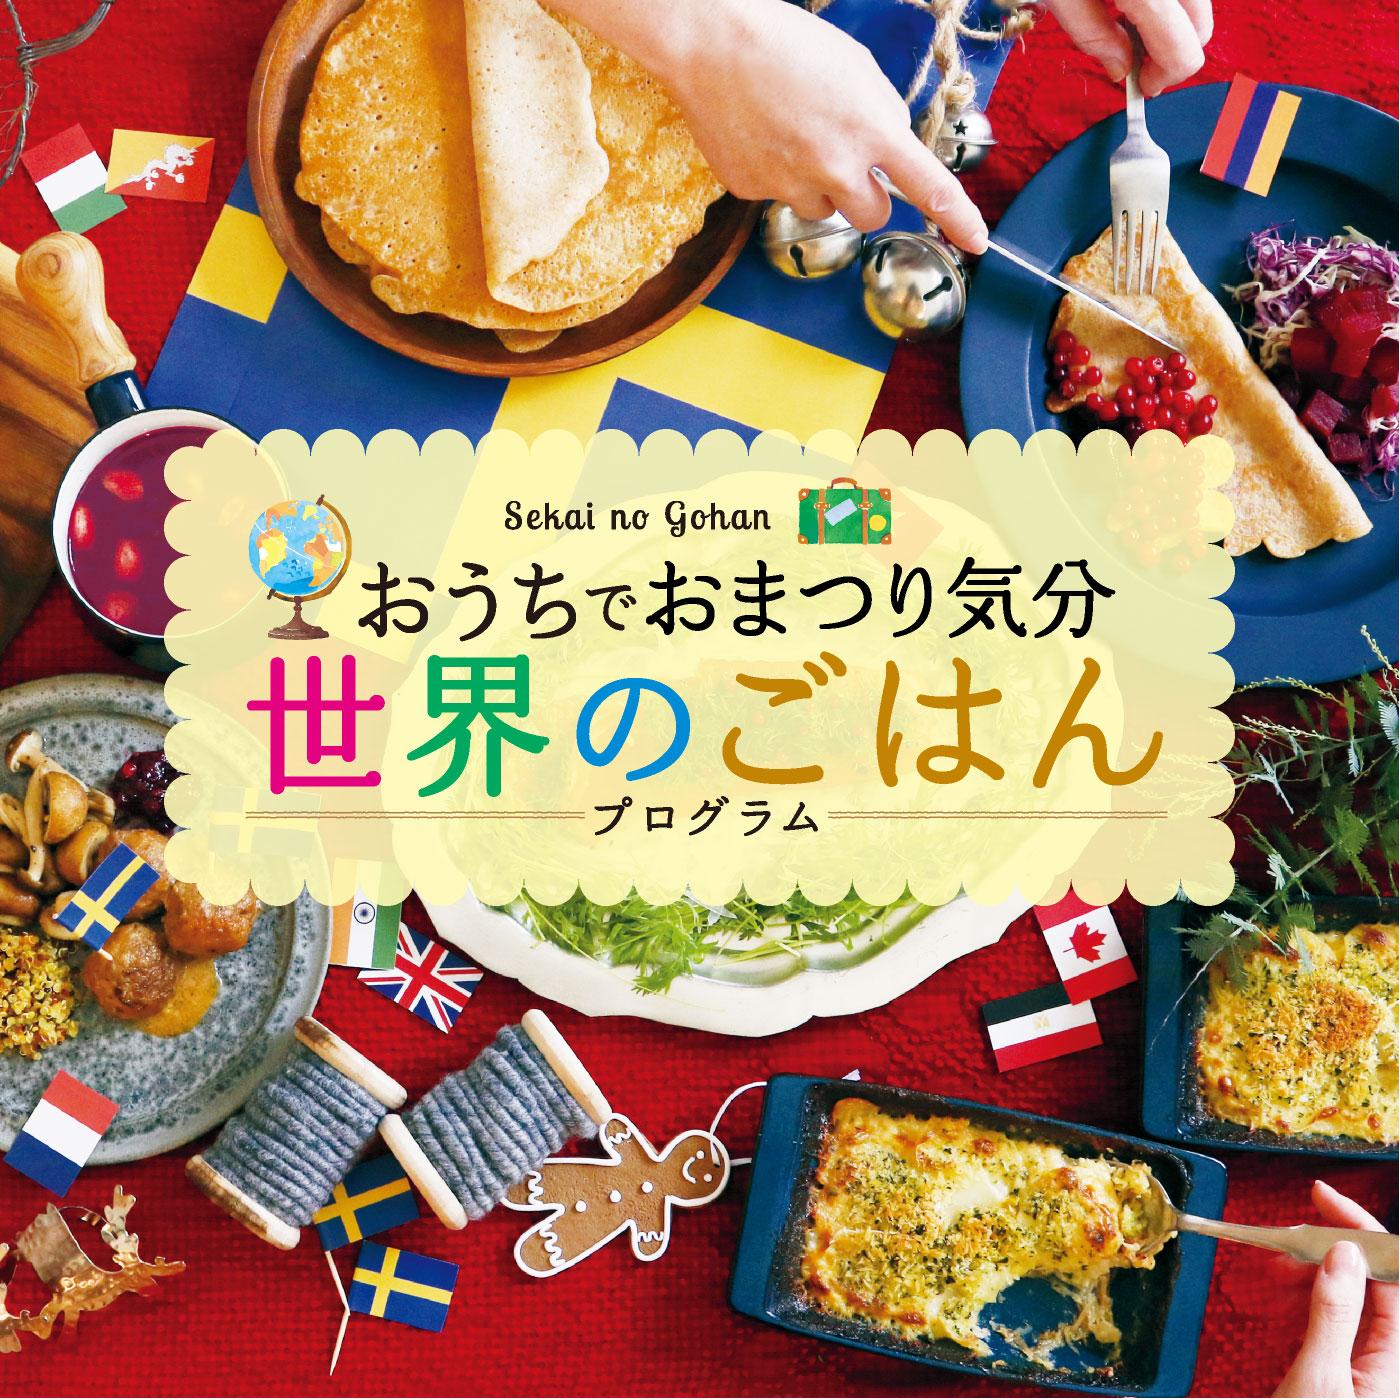 旅行気分で楽しめる世界のごはんプログラム。毎月レパートリーも増えるから、いざというときもあわてず、みんなが喜ぶ料理が作れるようになります!